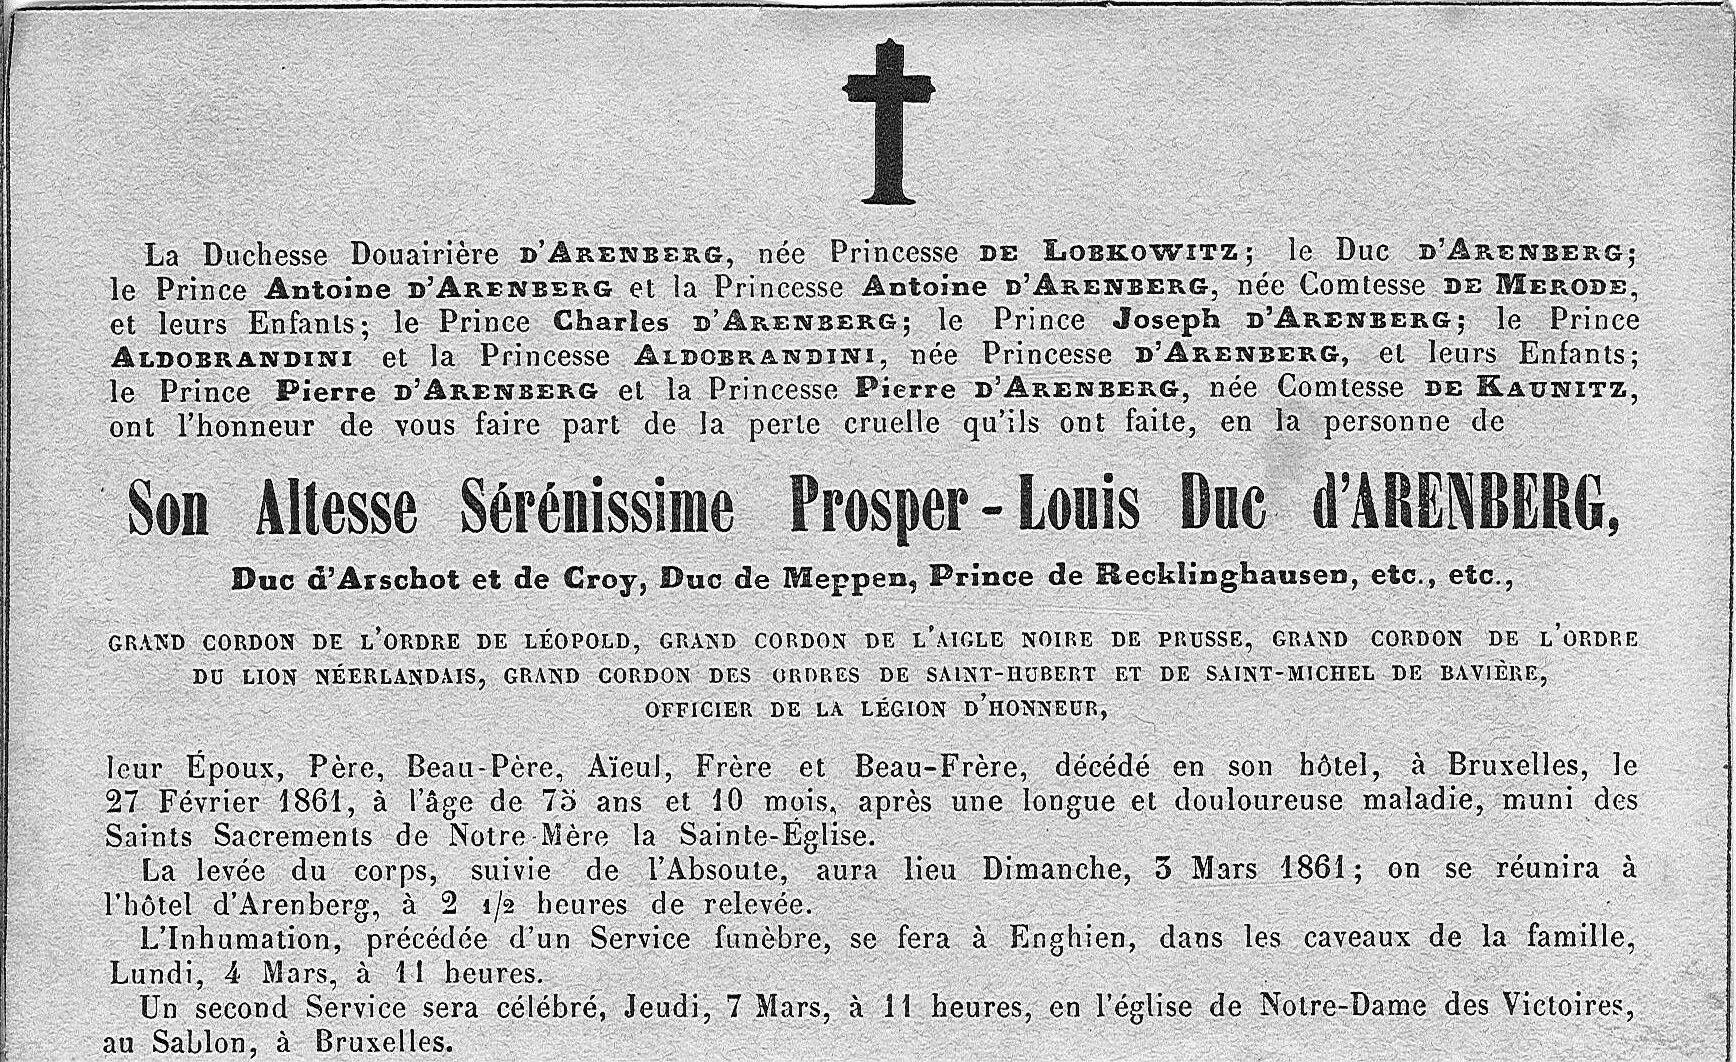 Prosper-Louis-(1861)-20121108131902_00007.jpg